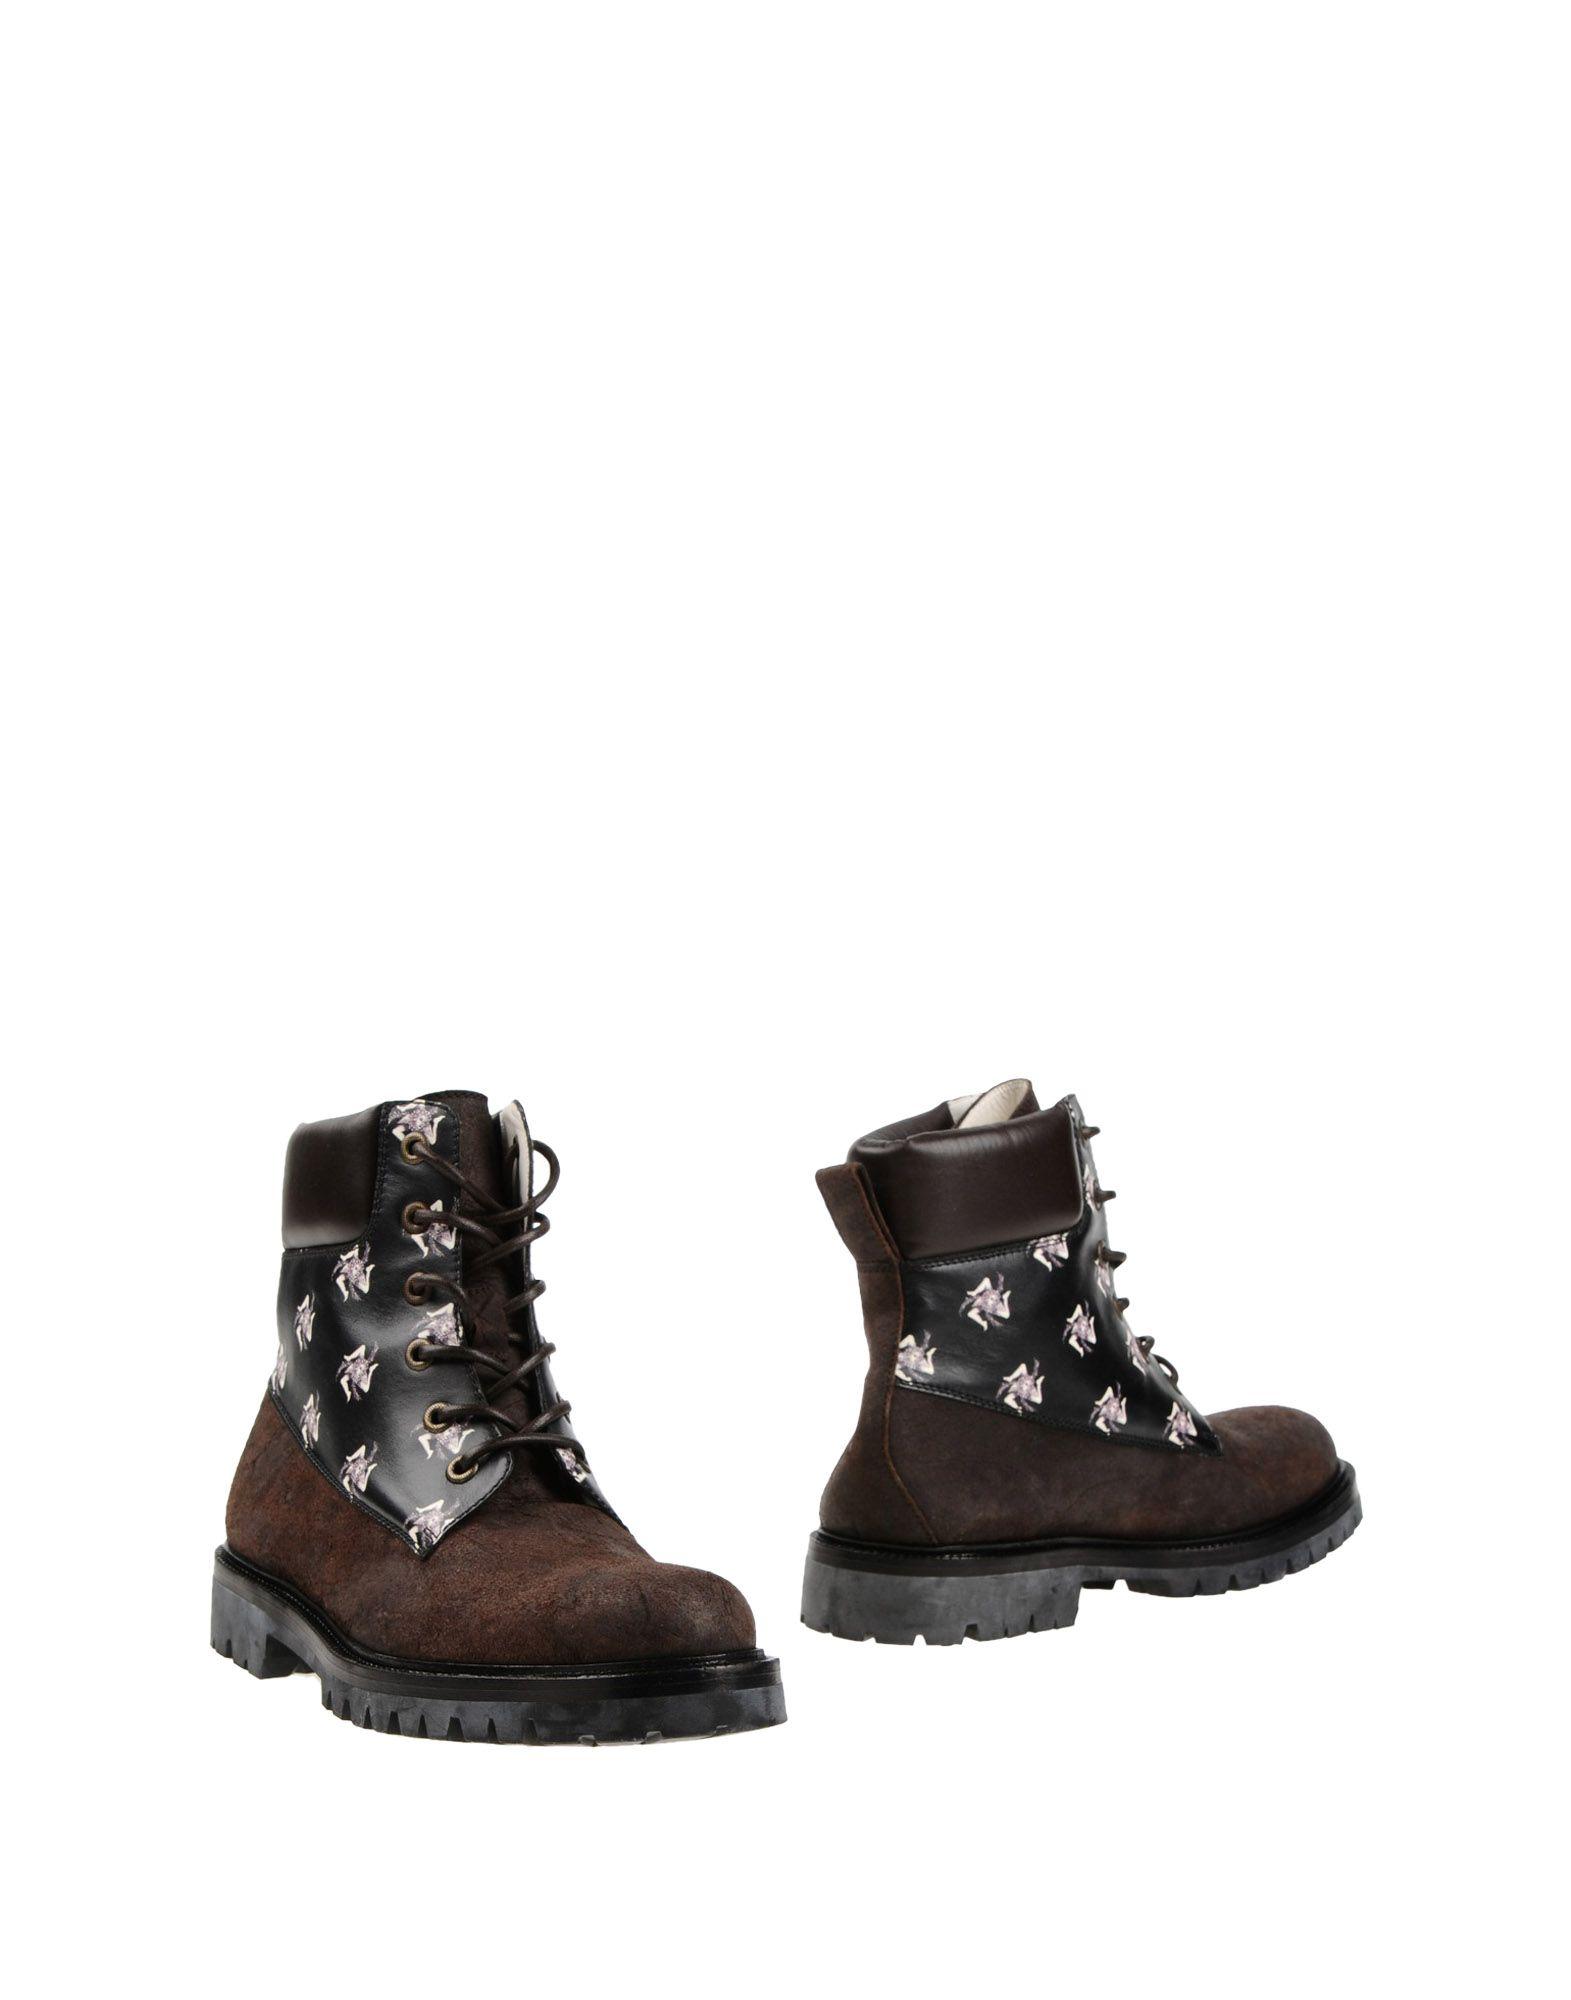 Dolce & Gabbana Stiefelette Herren  11400725JW Gute Qualität beliebte Schuhe